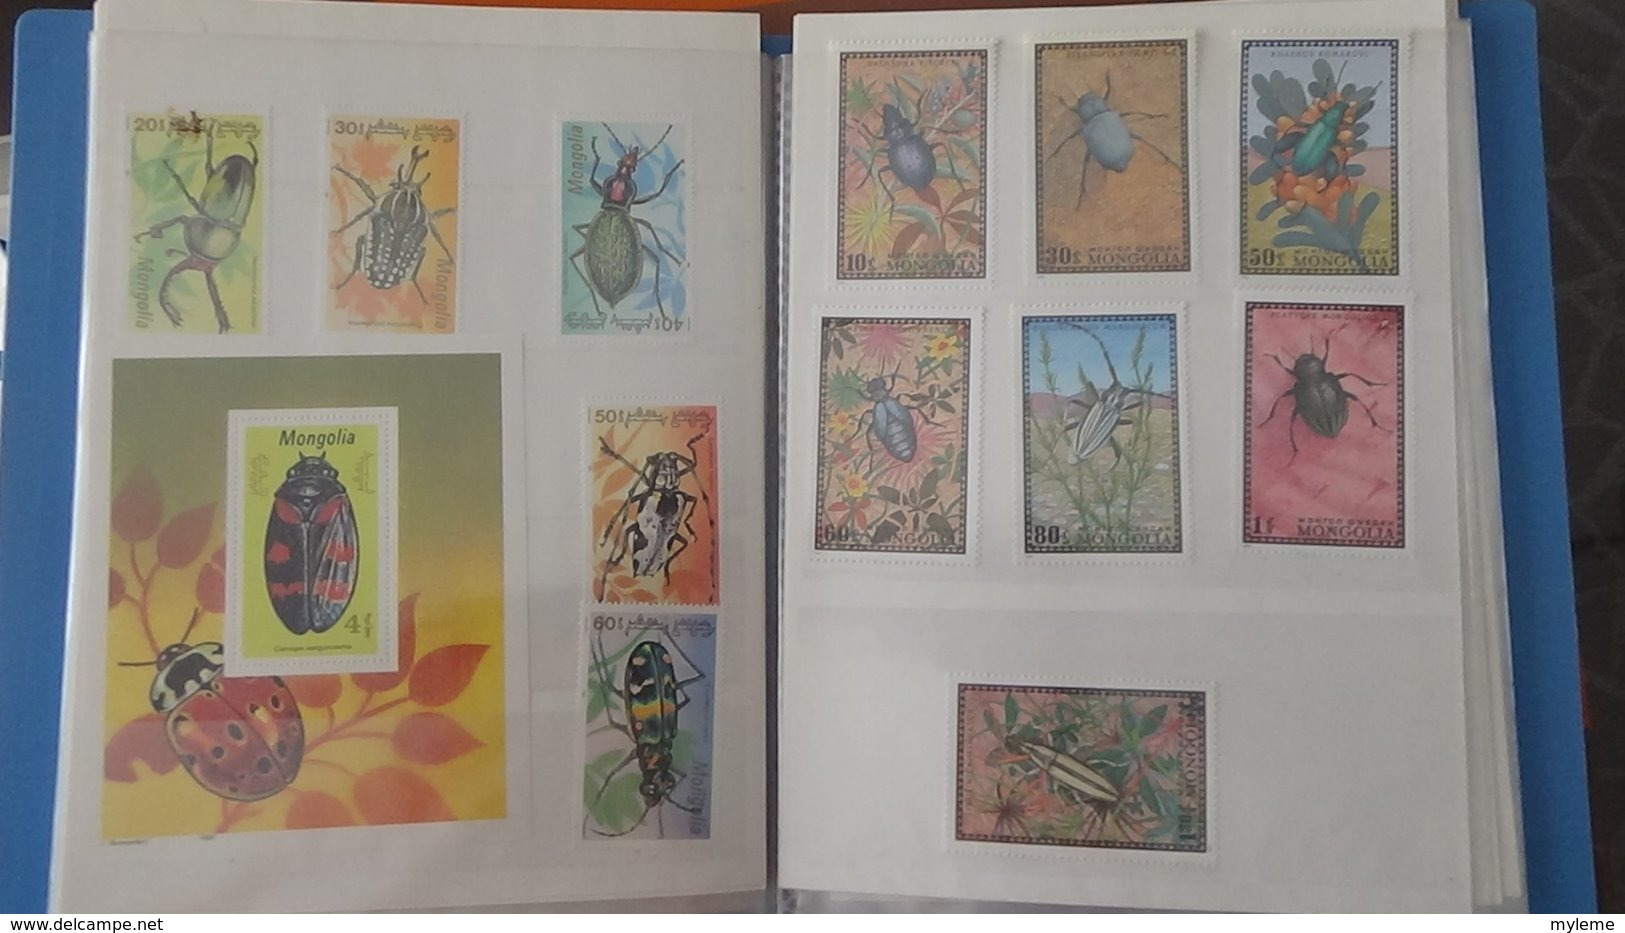 Petite Collection De MONGOLIE En Timbres Et Blocs ** Dans 3 Carnets . A Saisir !!! - Colecciones (en álbumes)